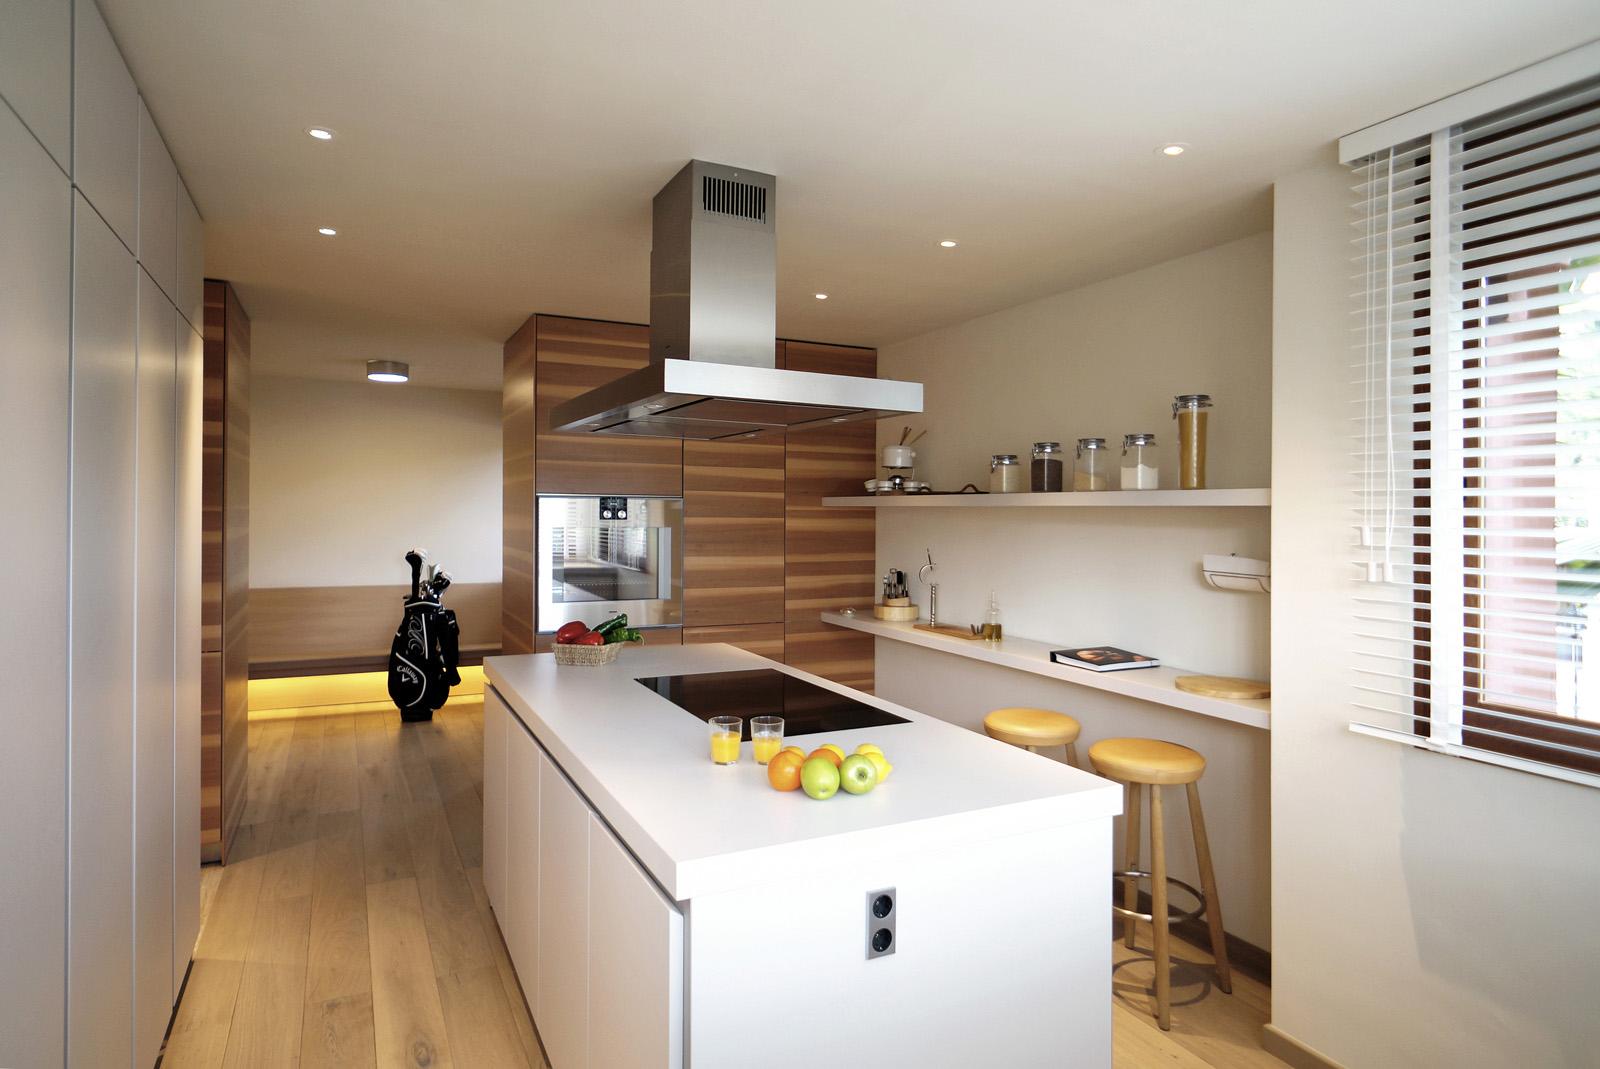 Prix bulthaup cuisine cuisine quipe style design prix - Prix d une cuisine bulthaup ...